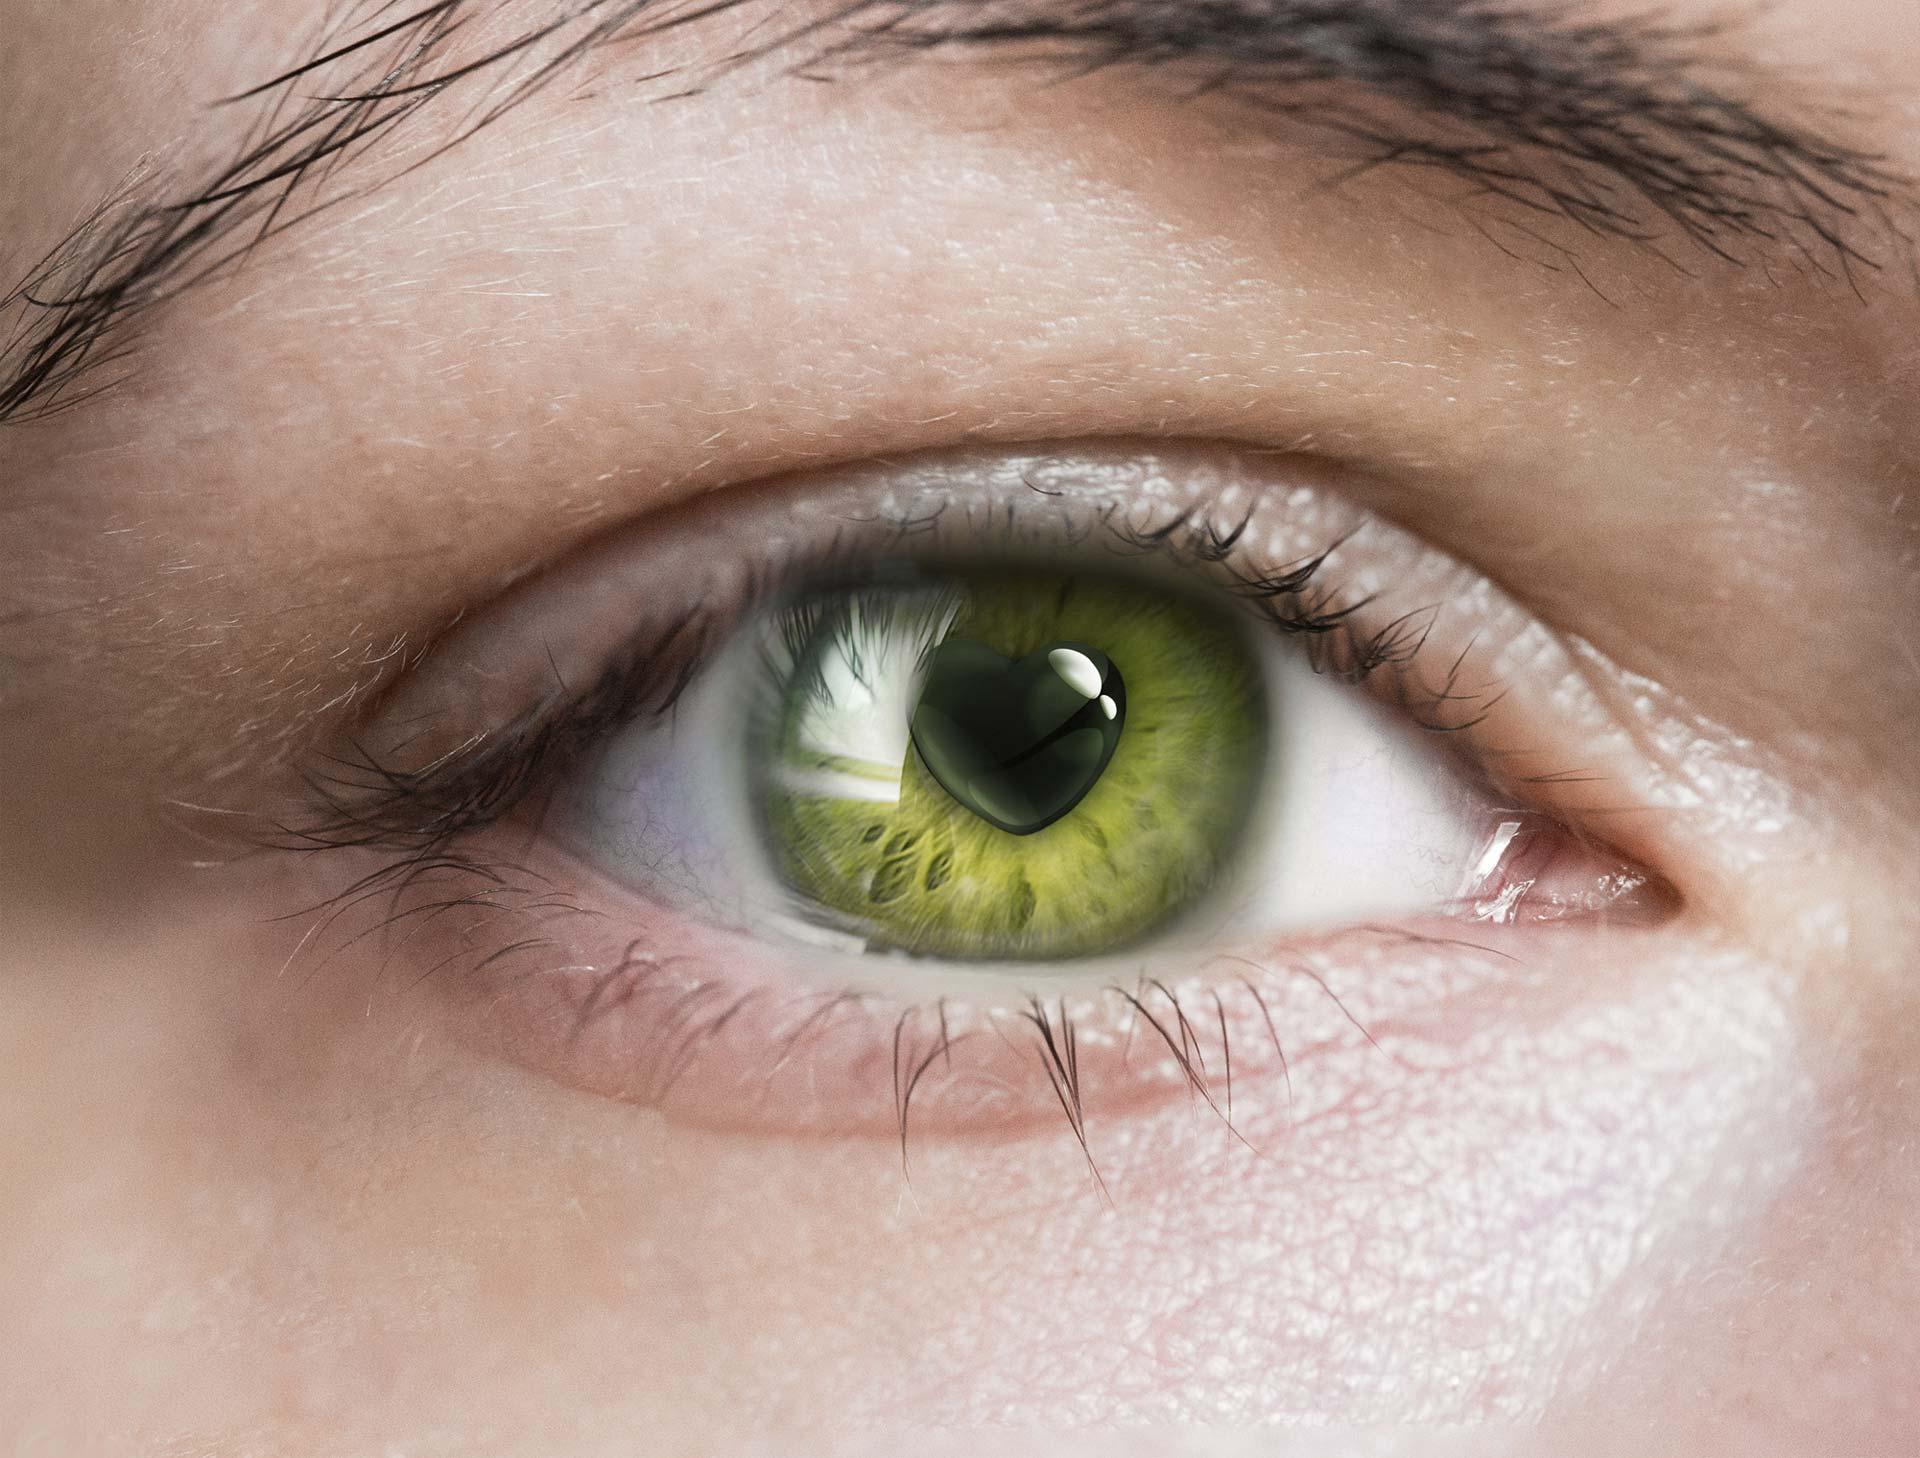 A propósito del Día Mundial de la Visión realizarán una caminata en Caracas para crear conciencia sobre enfermedades visuales